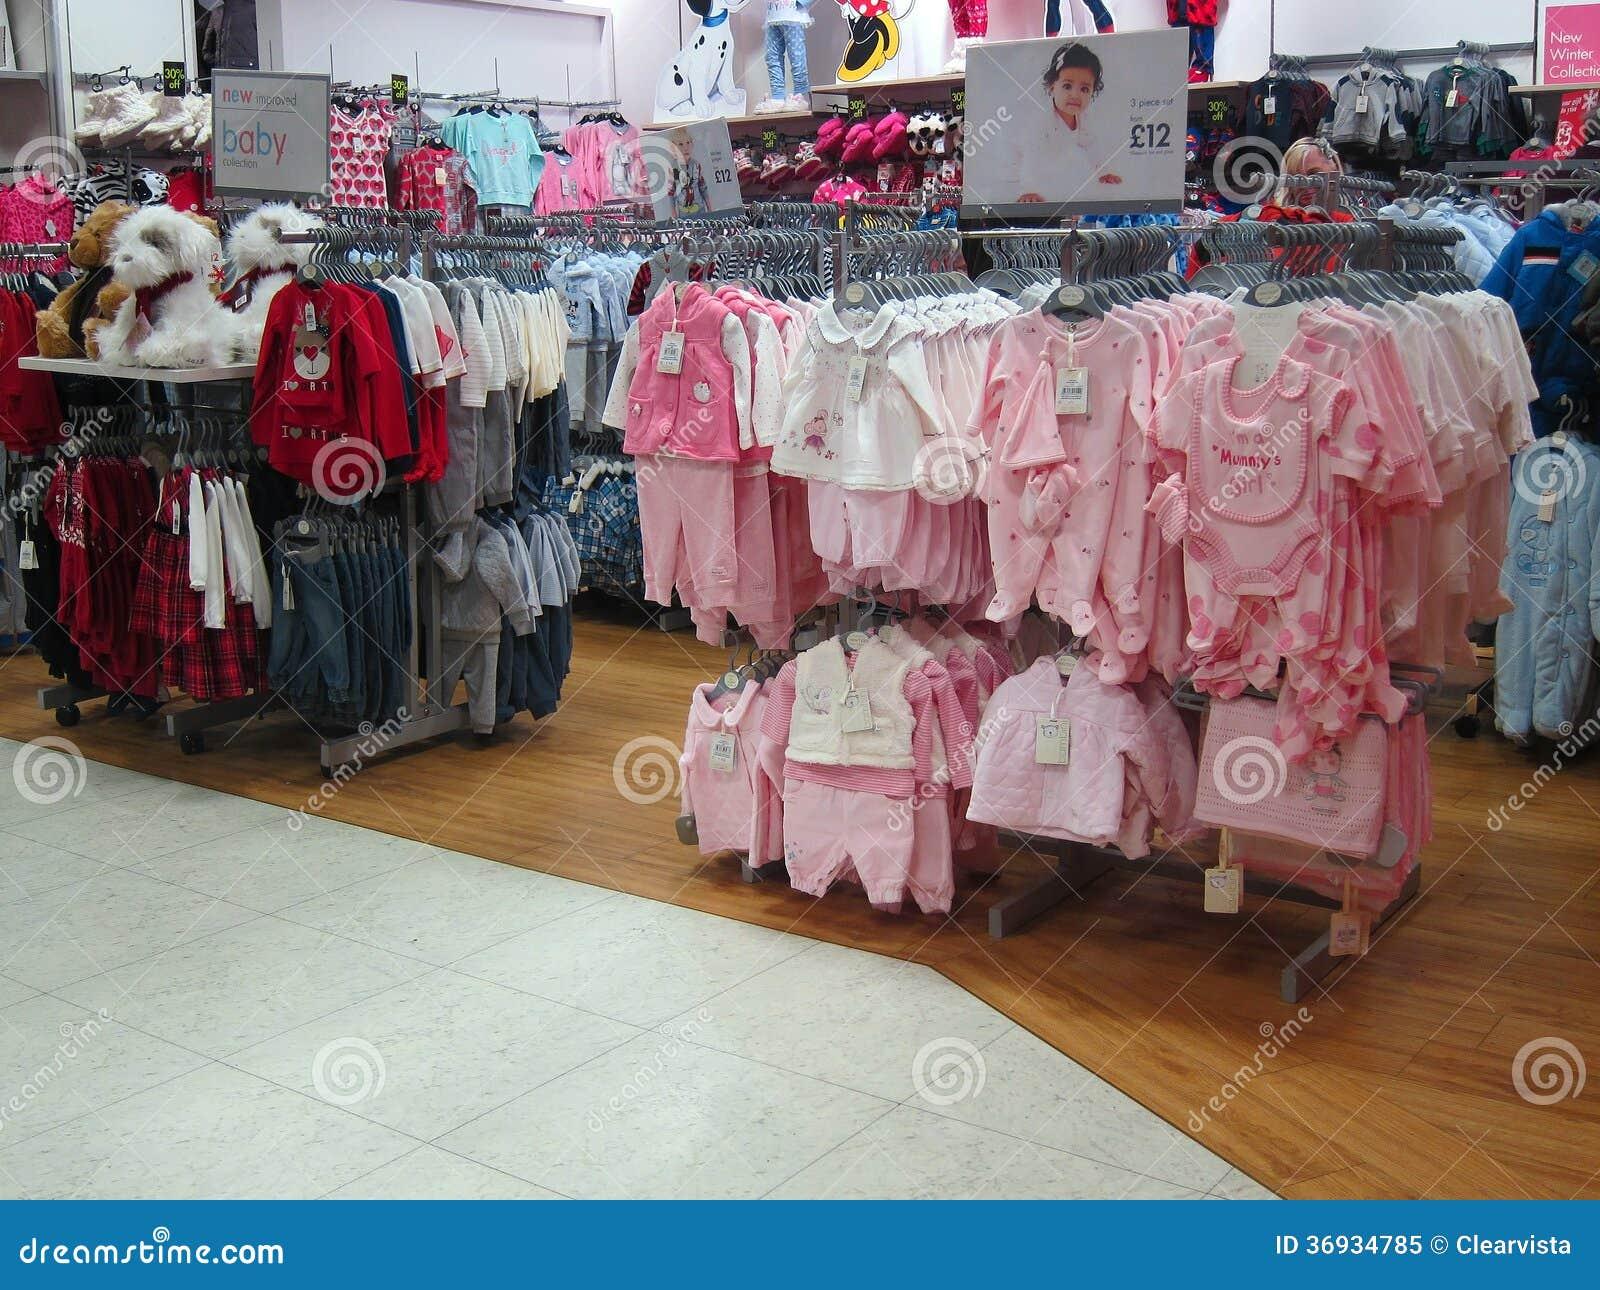 6aec0e8c162a8 Vêtements De Bébé à Vendre Dans Un Magasin. Image éditorial - Image ...